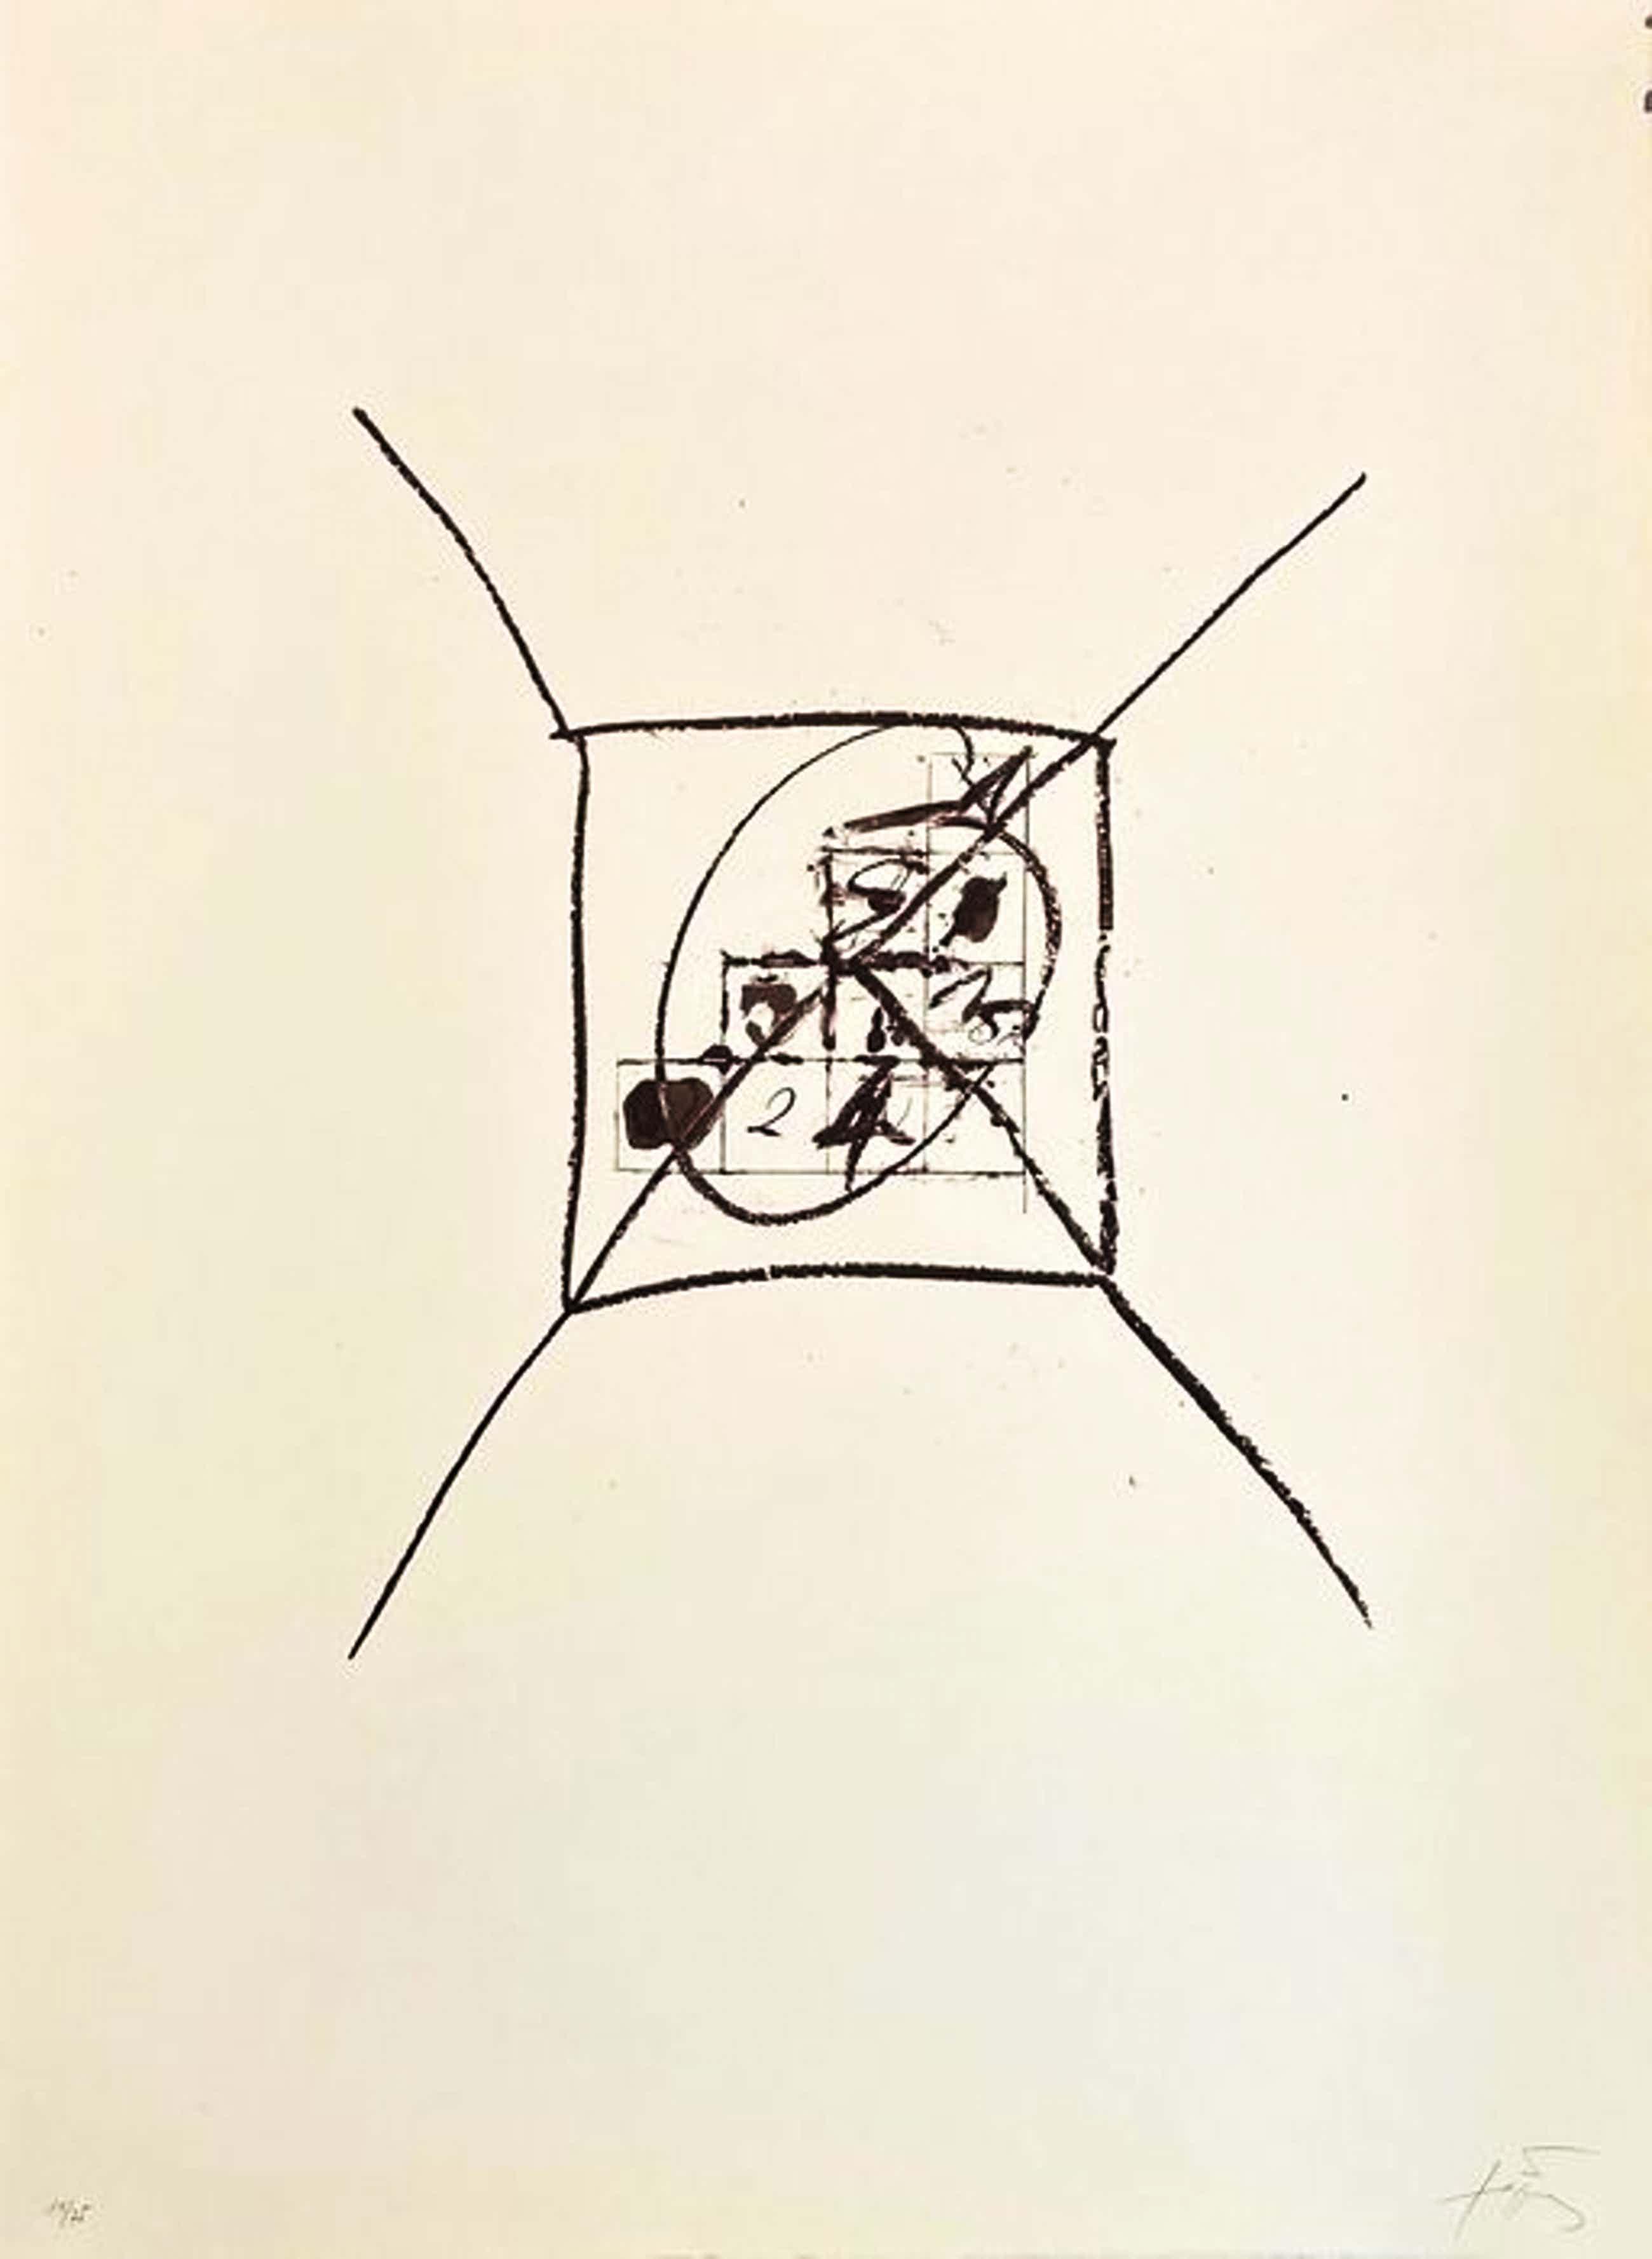 Antoni Tapies - Llambrec 9 - Handgesigneerde litho - 1975 kopen? Bied vanaf 550!